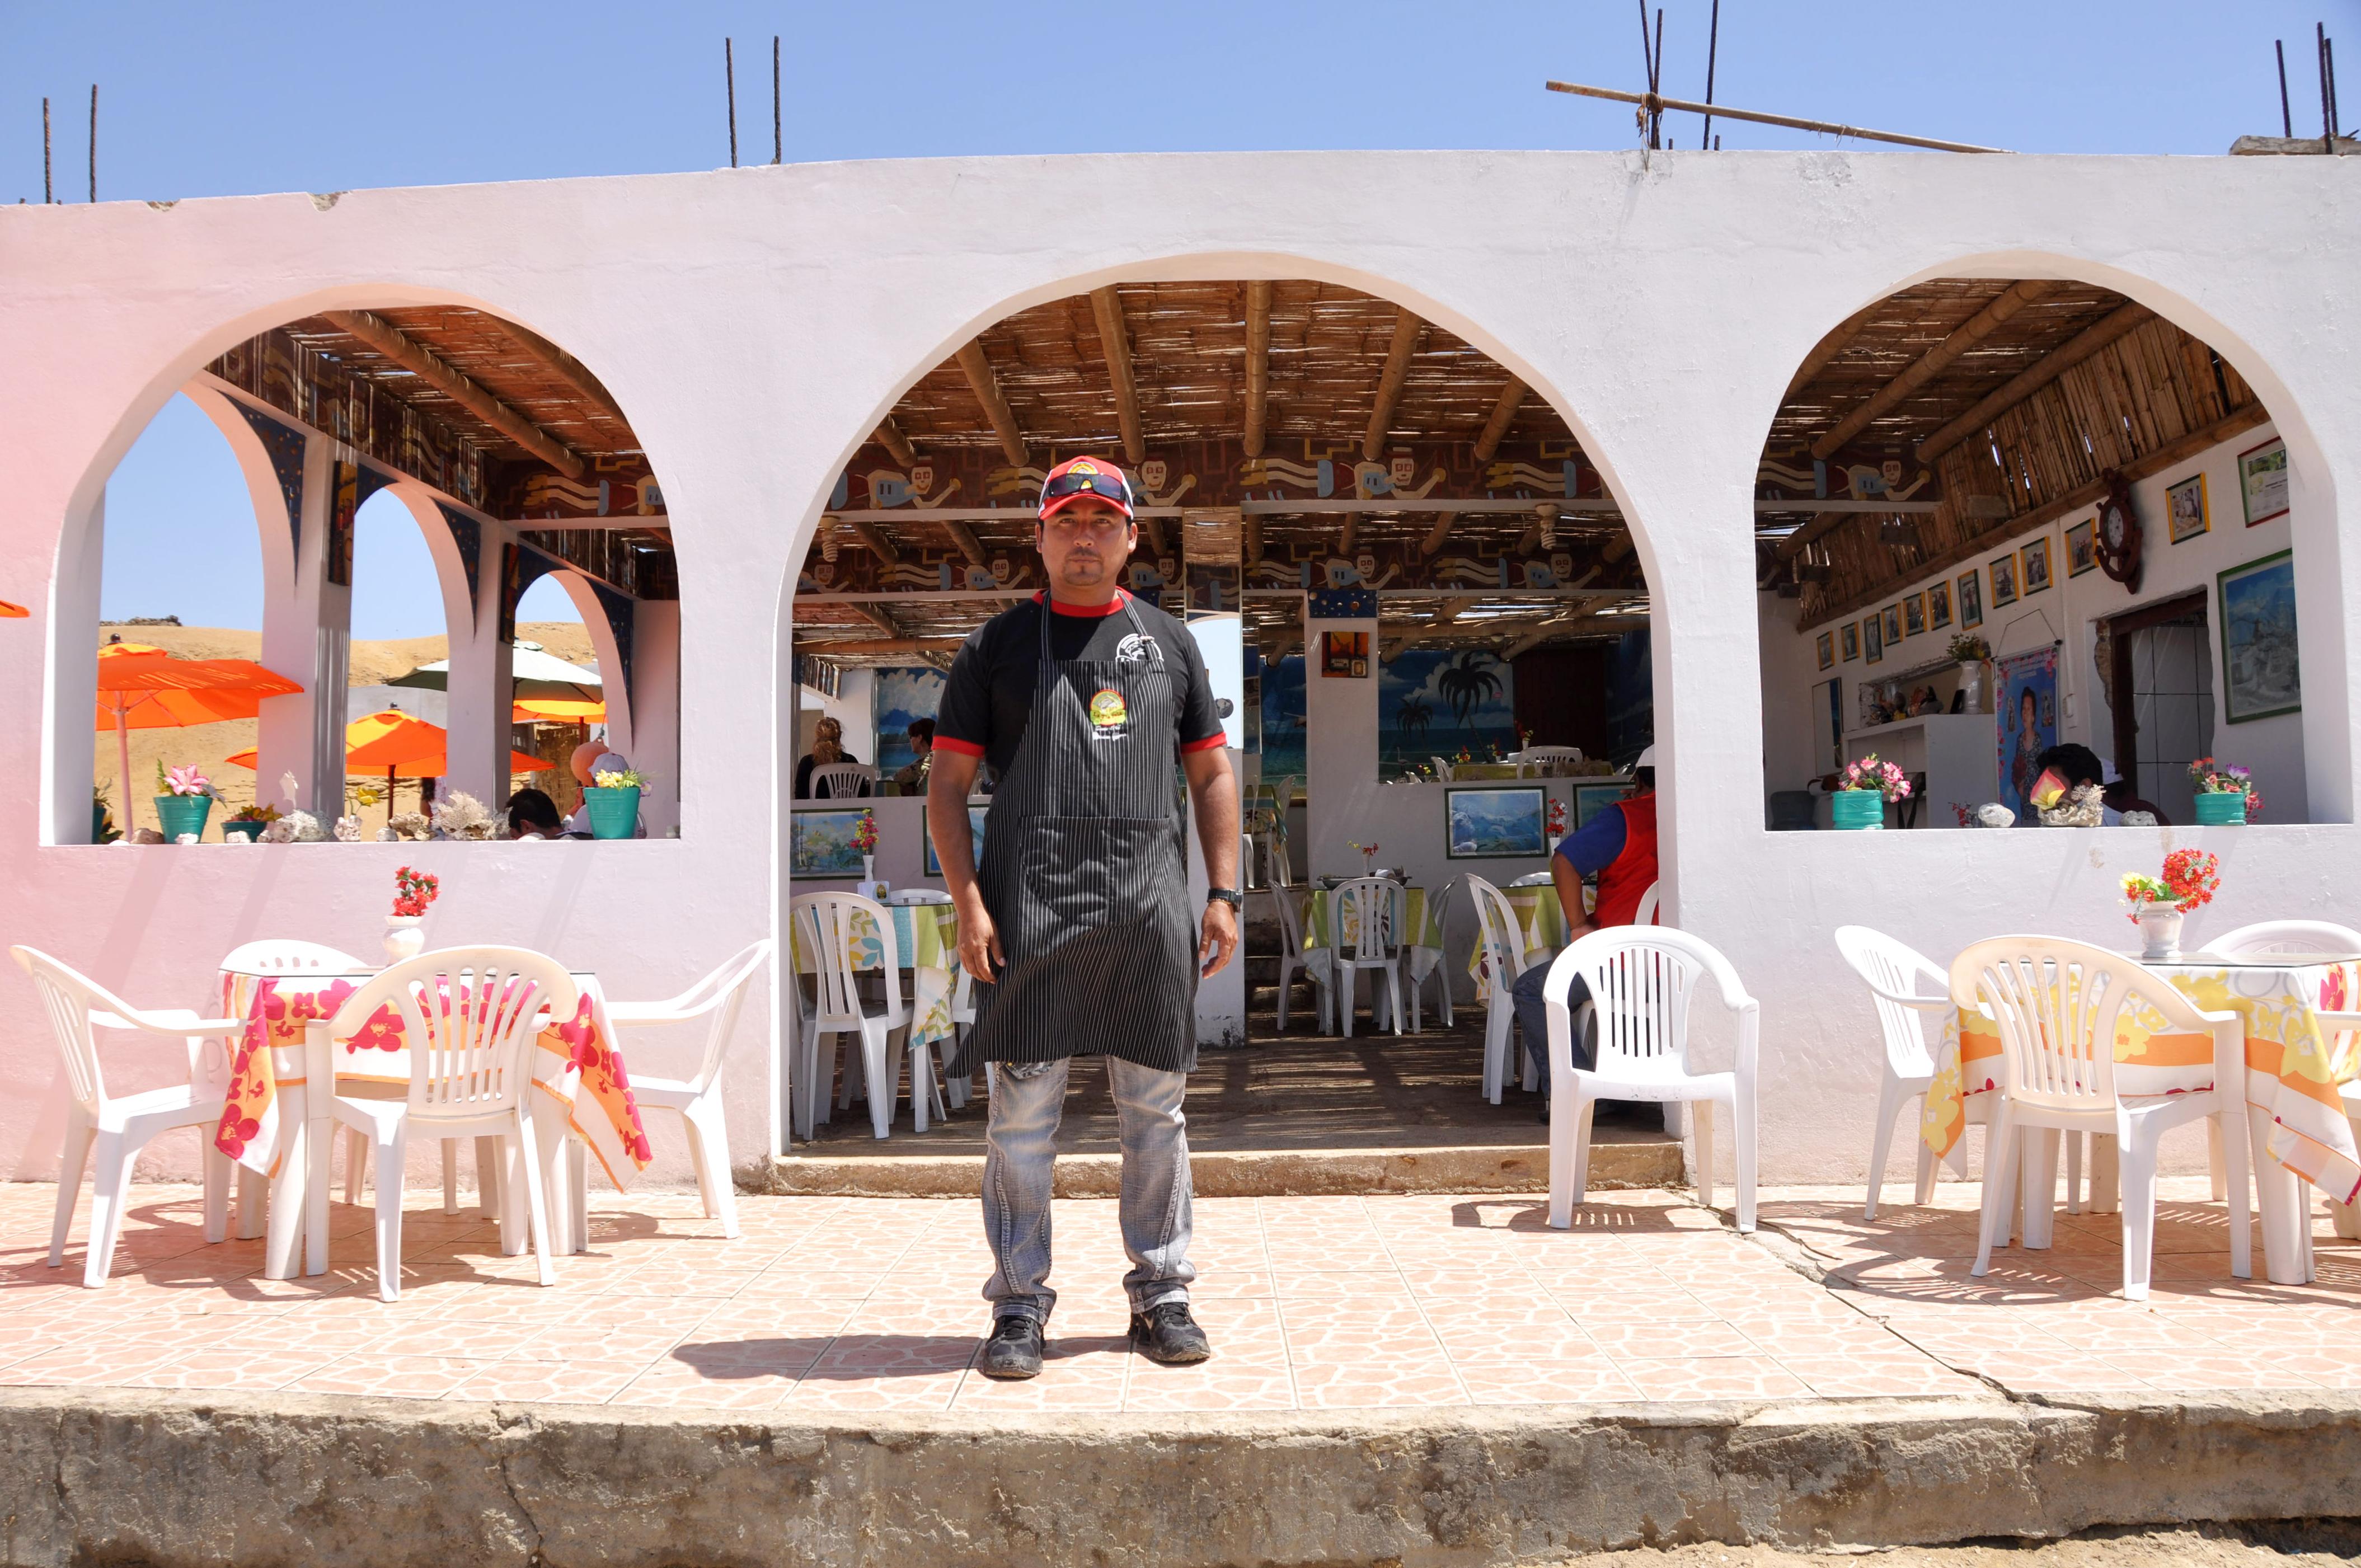 Restaurante La tia Fela. Reserva nacional de Paracas en Lagunillas, Perú. Sonsoles Lozano